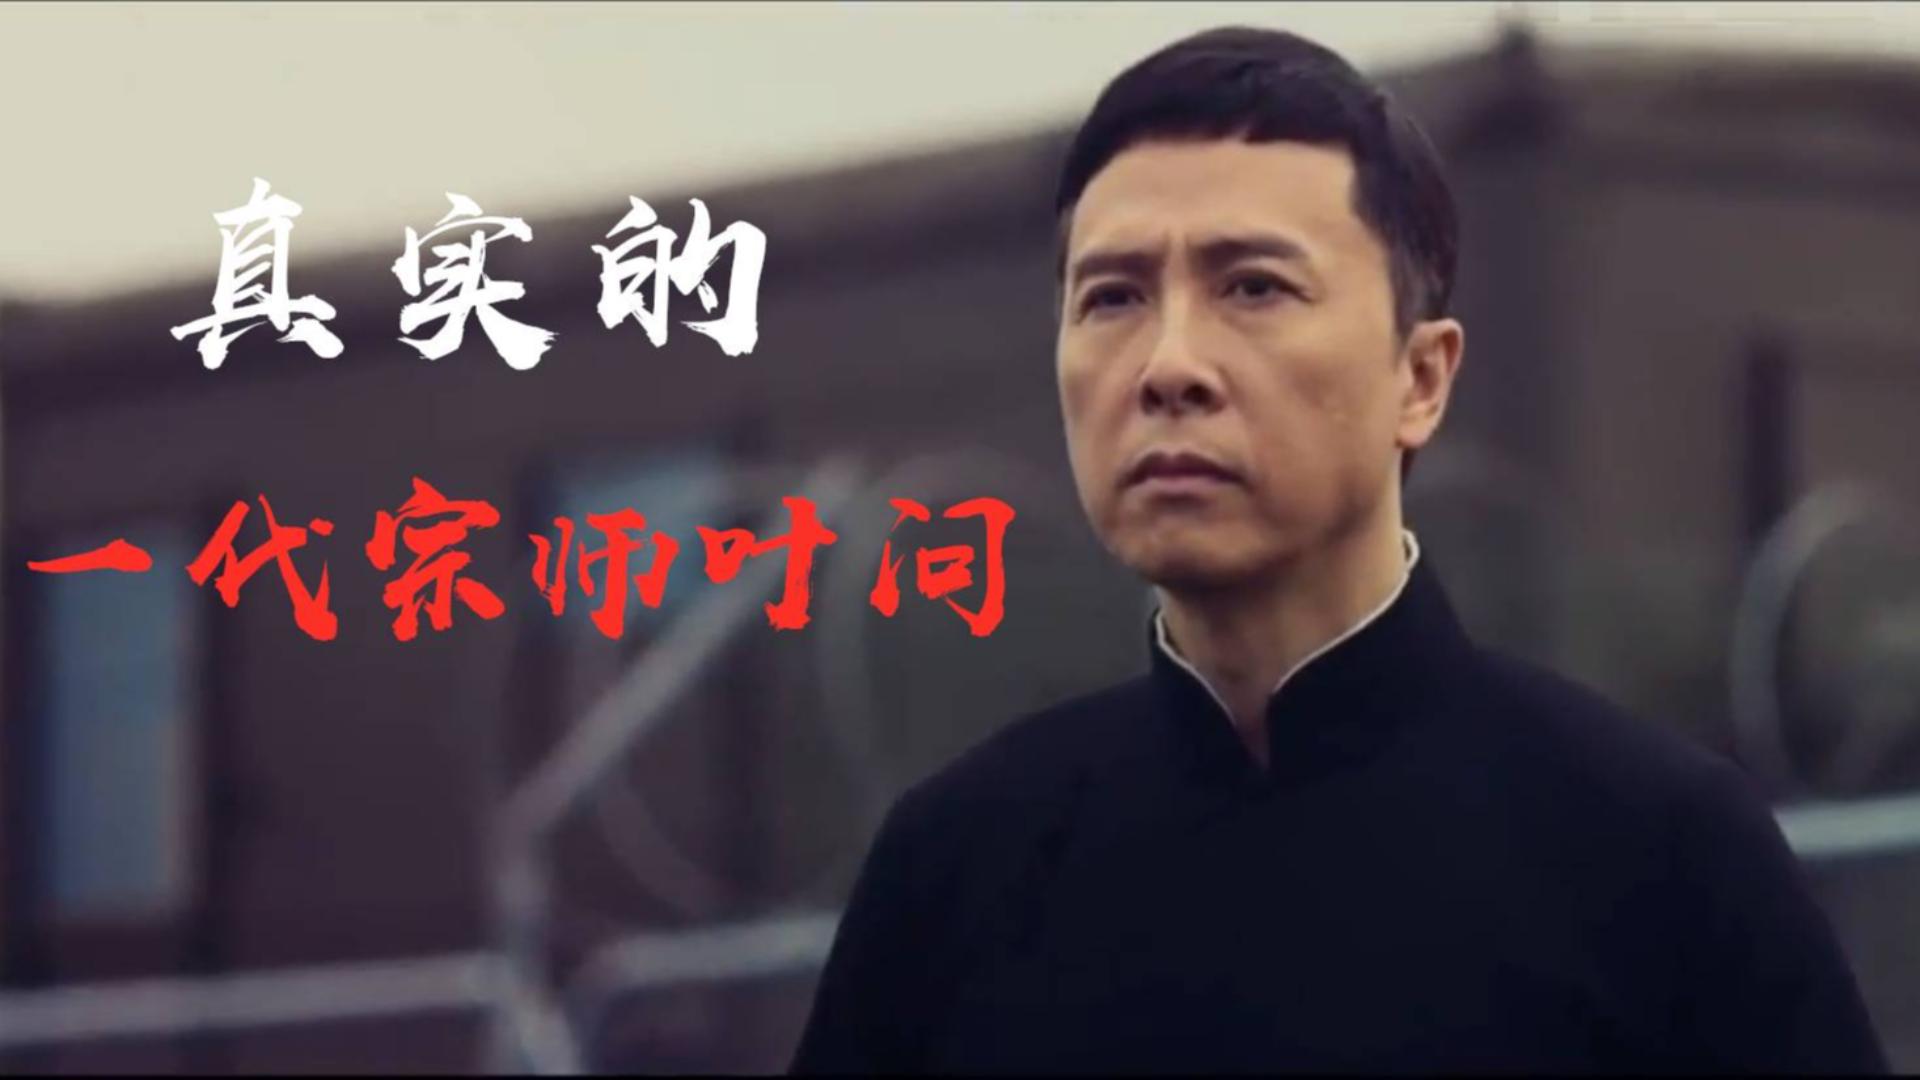 《叶问》:真实的一代咏春宗师叶问的一生是怎样的?到底能不能打?